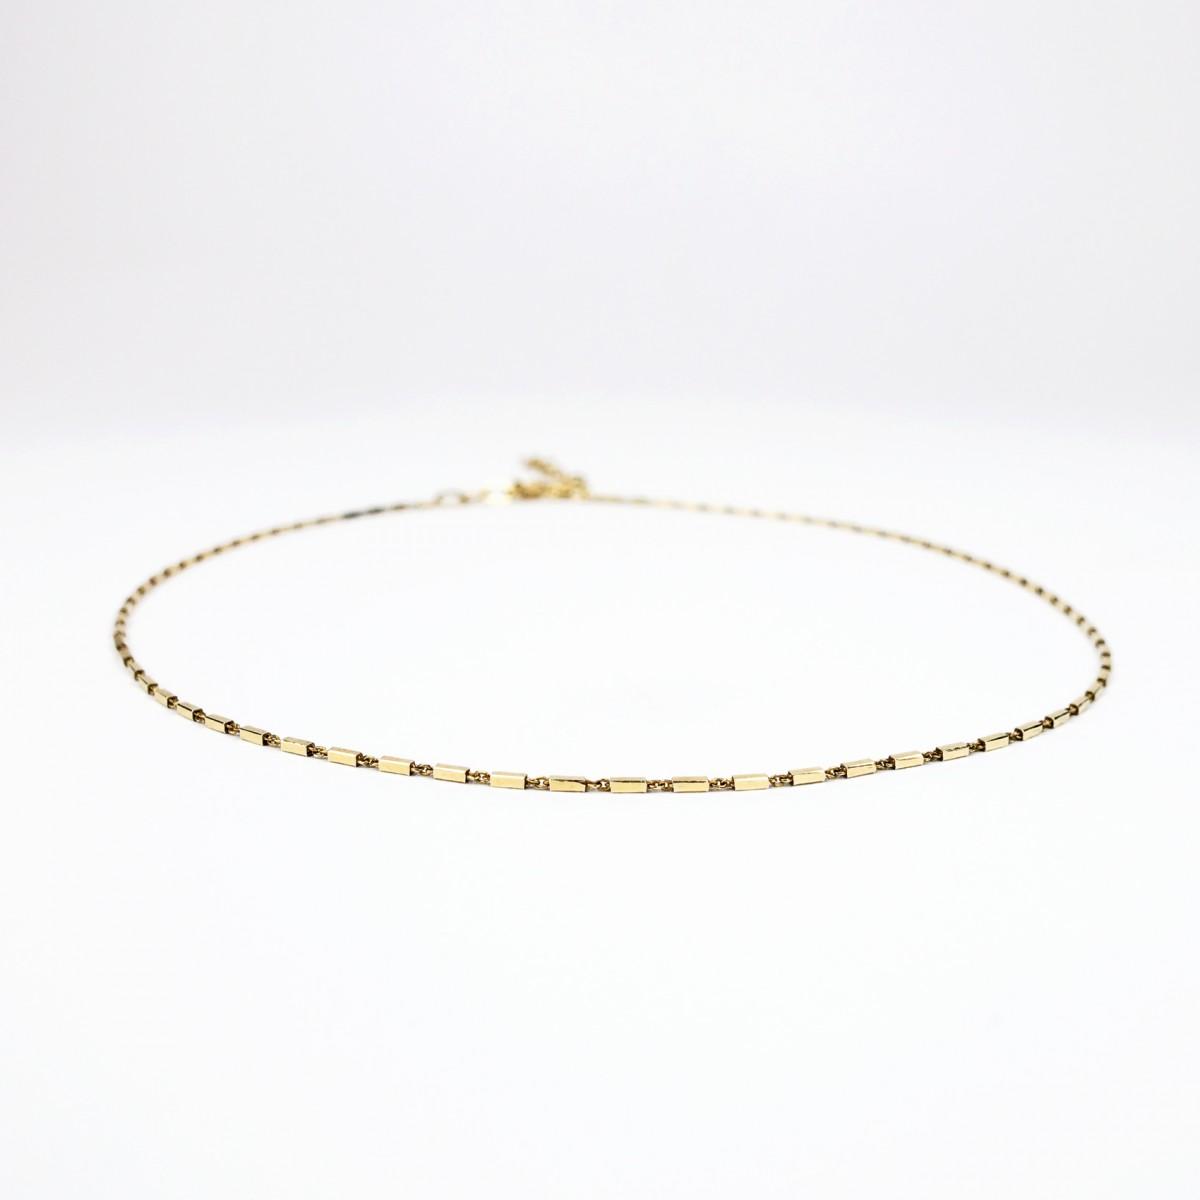 ST'ATOUR META – Kette mit Stäbchendetail in Gold, Silber oder Roségold